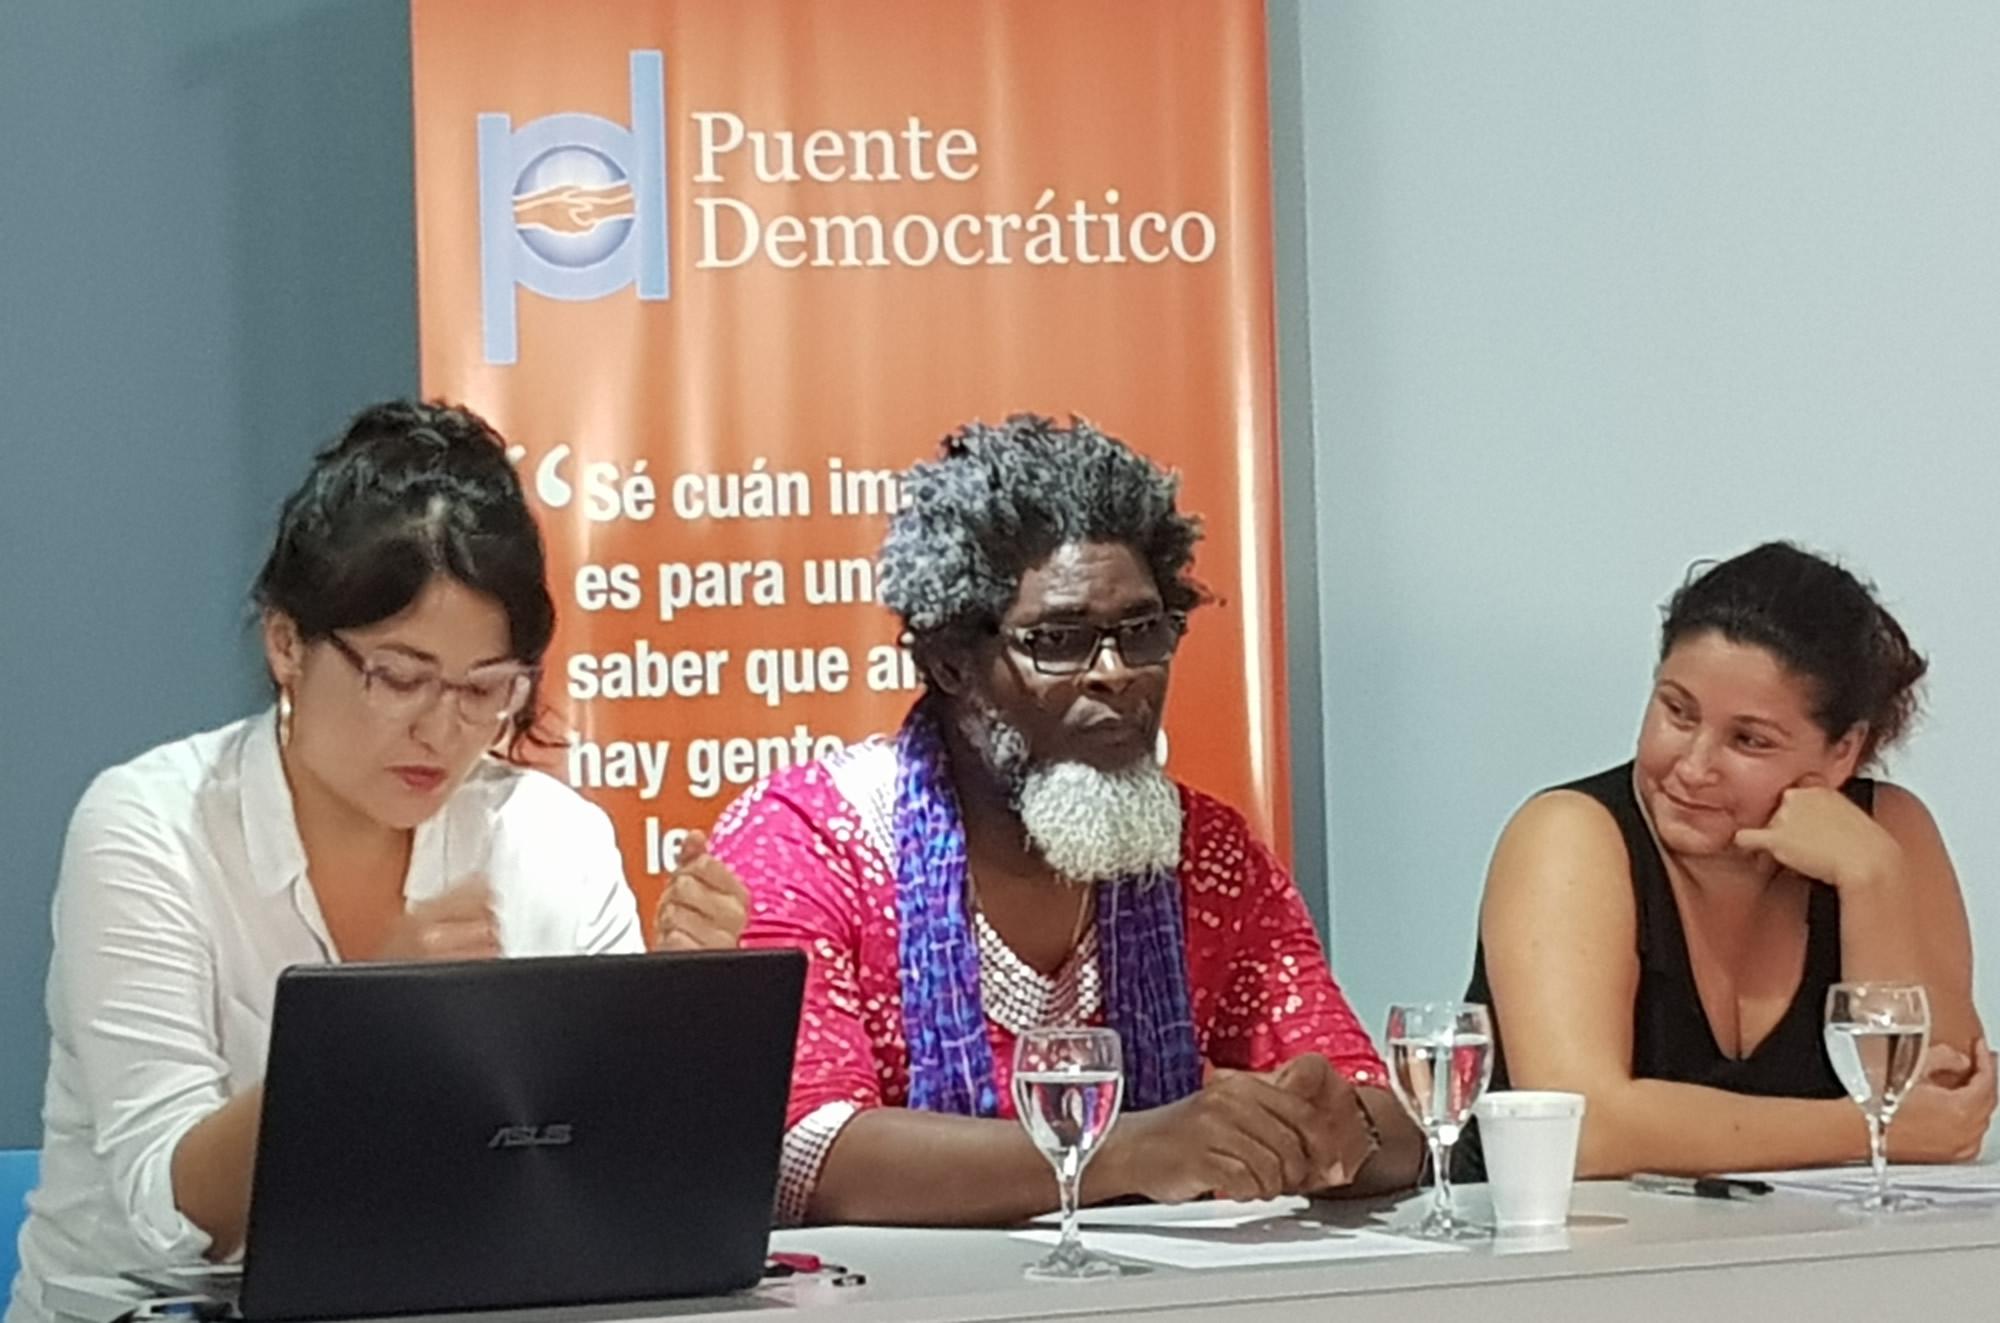 Derechos culturales y desafíos a la libertad artística en Cuba